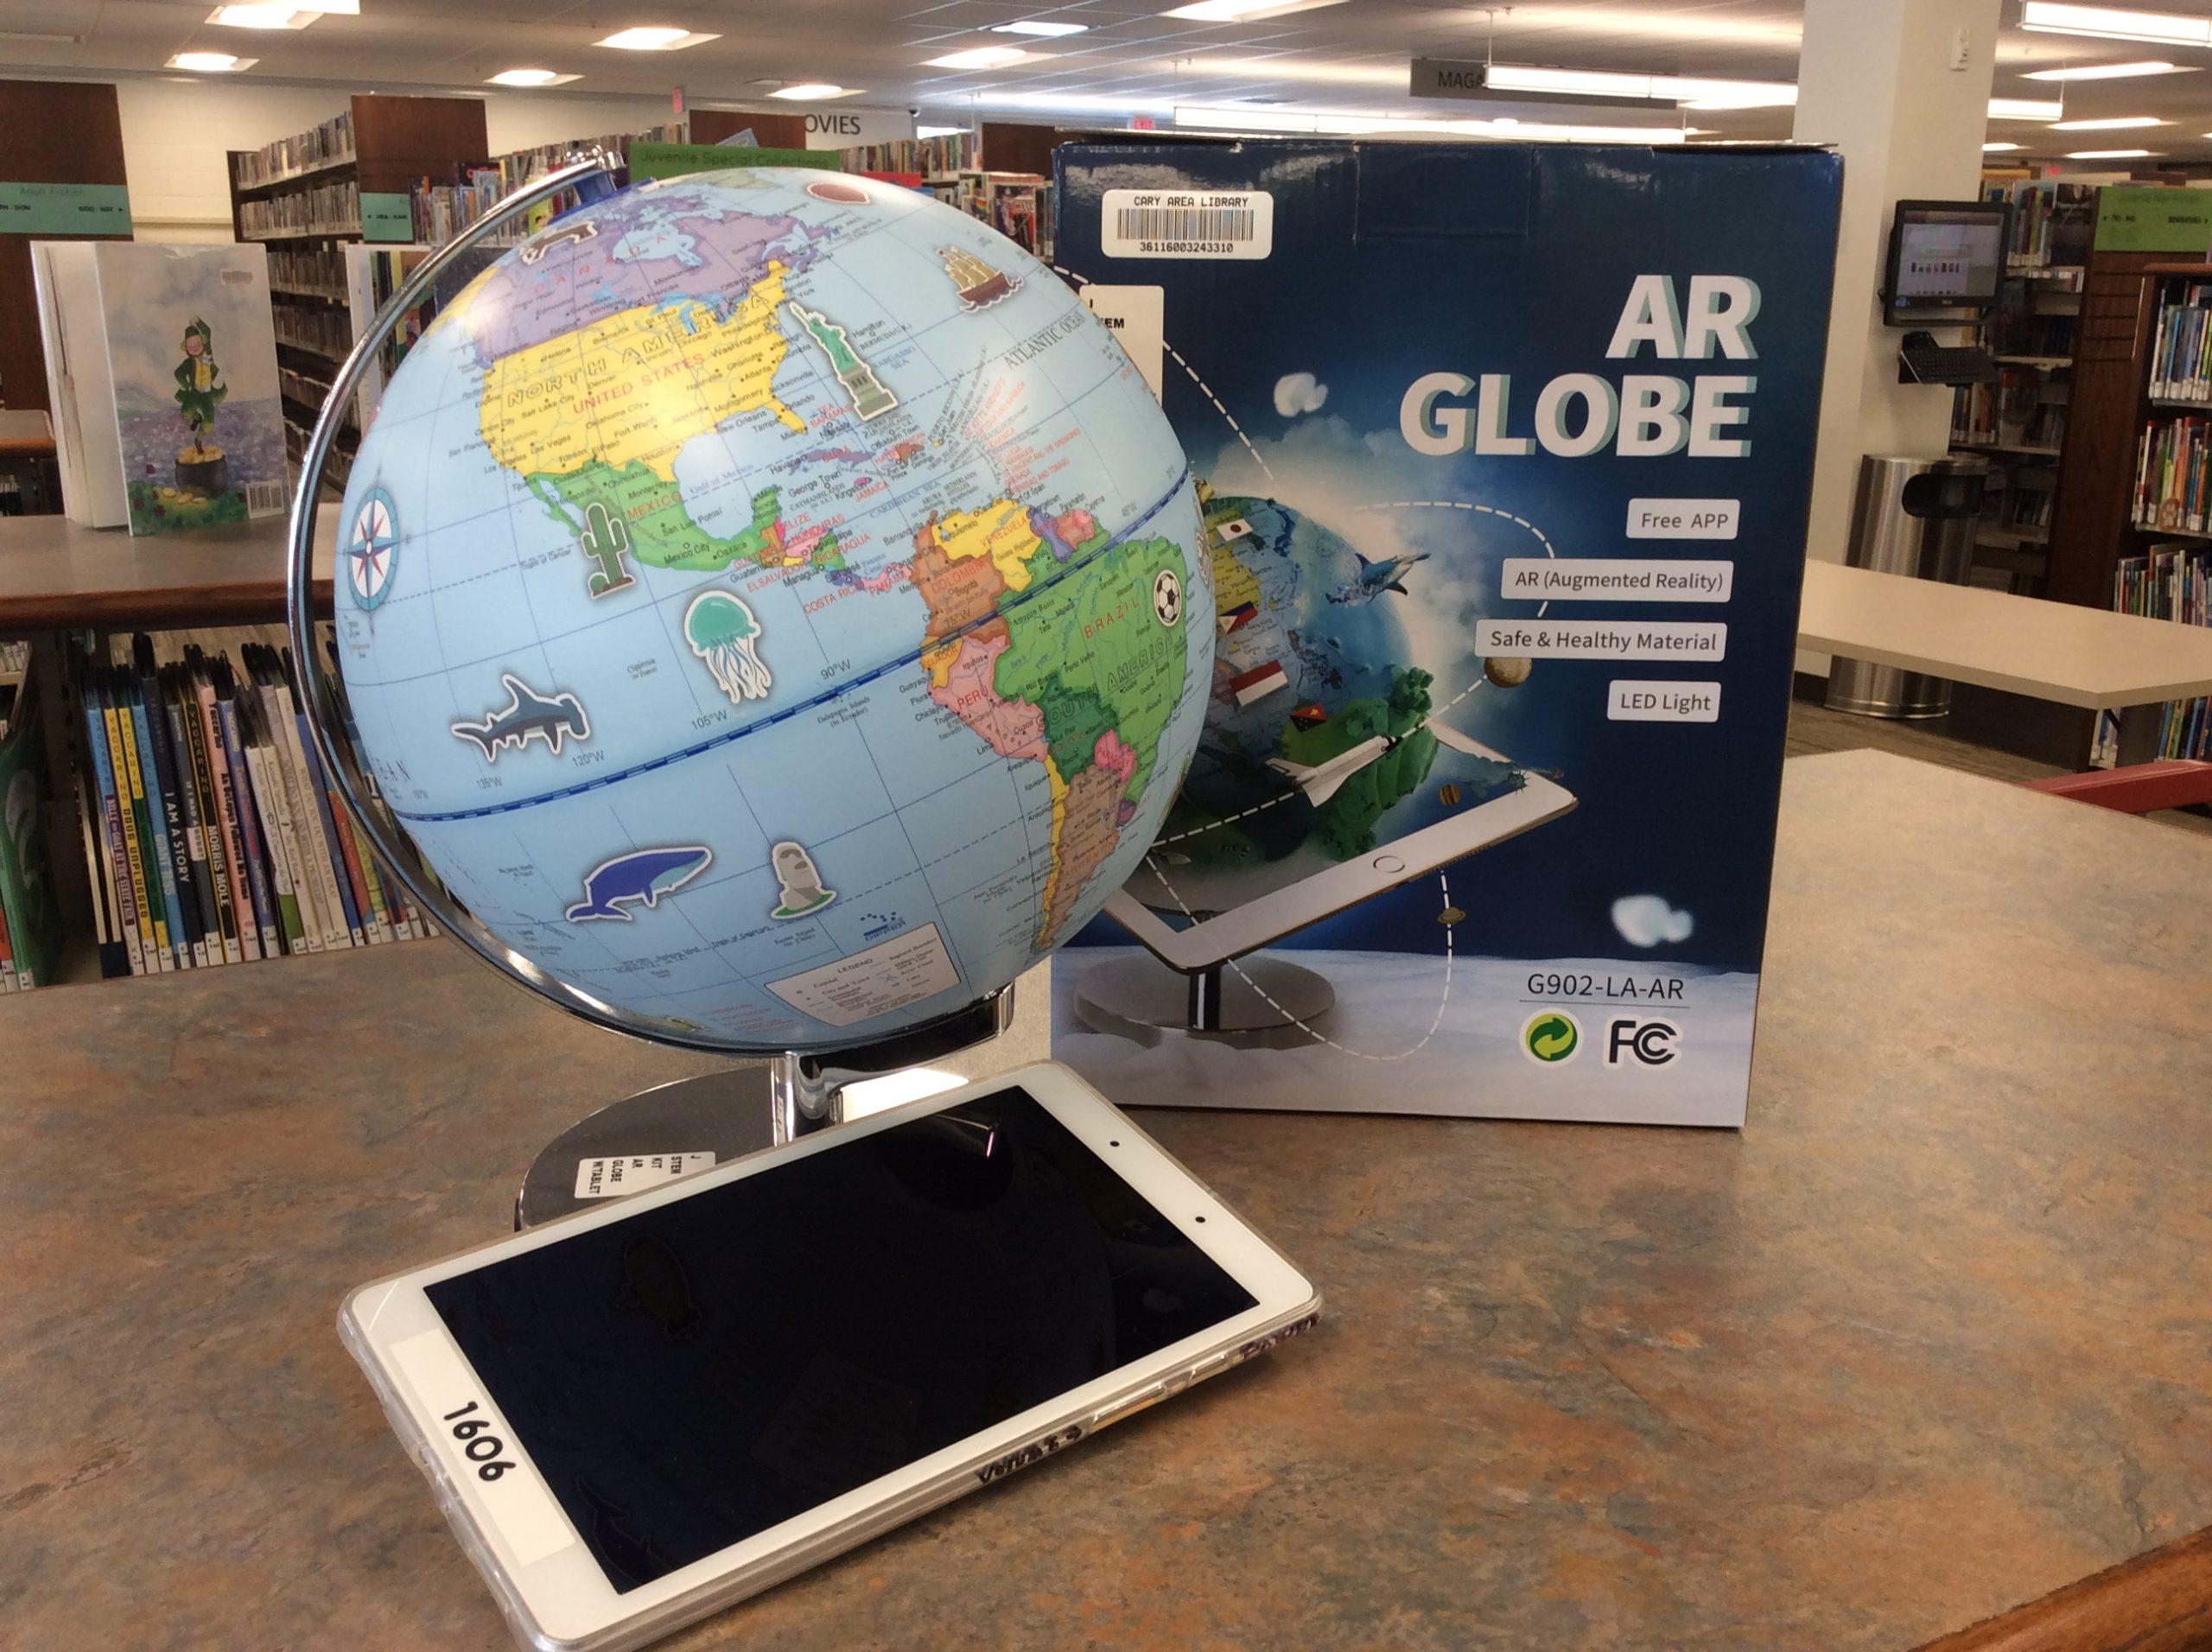 AR Globe and tablet